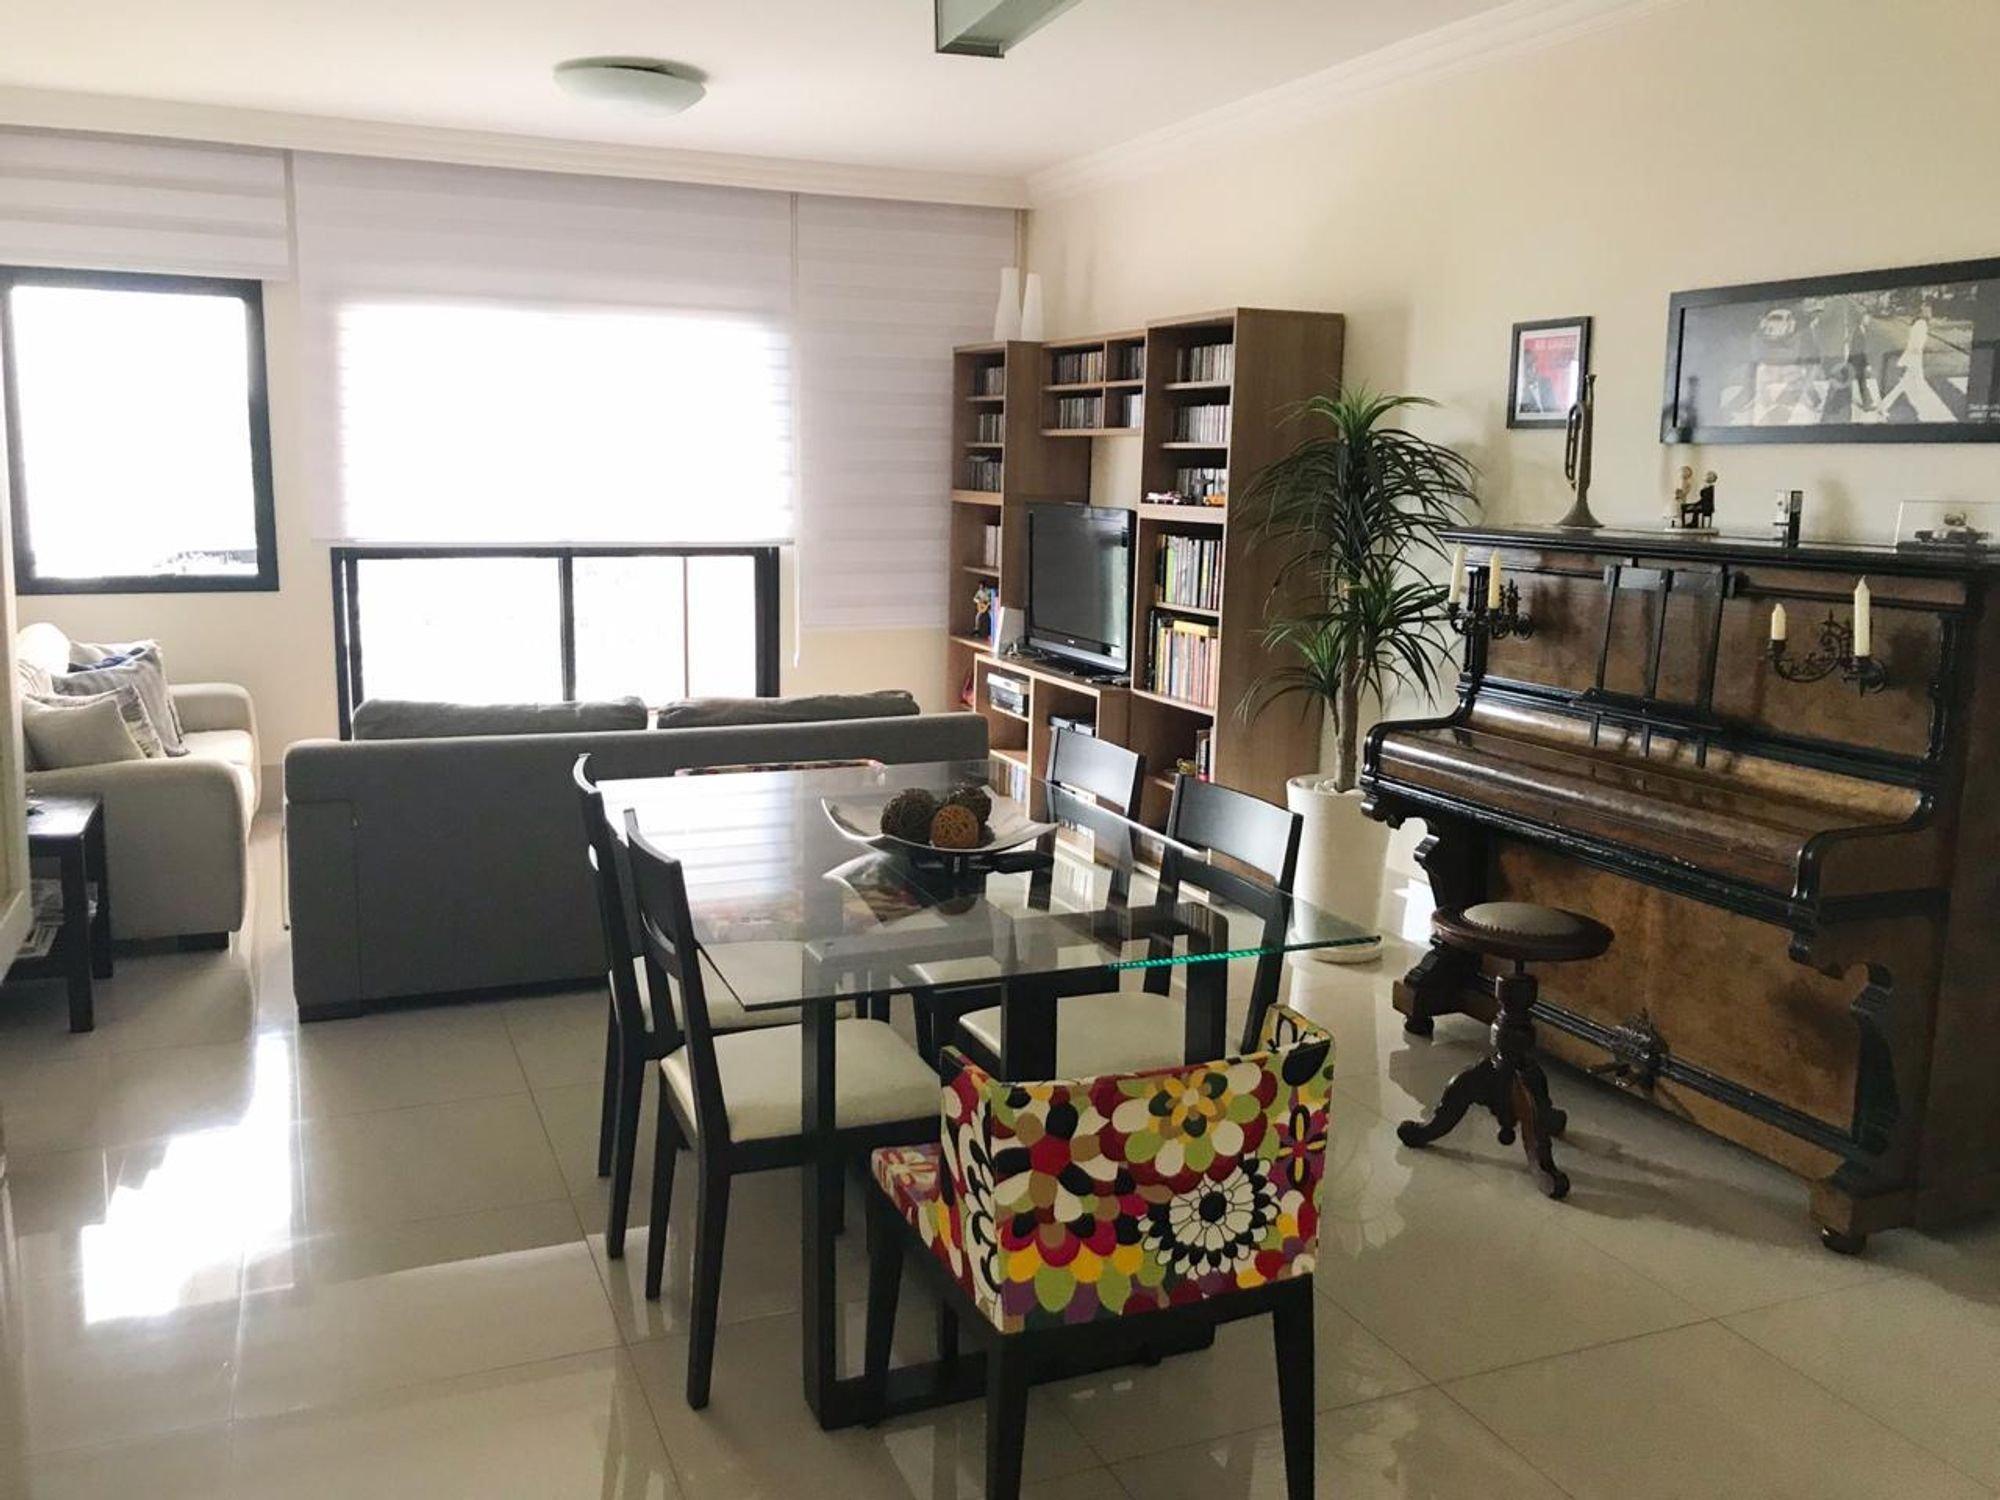 Foto de Sala com vaso de planta, sofá, tigela, cadeira, mesa de jantar, livro